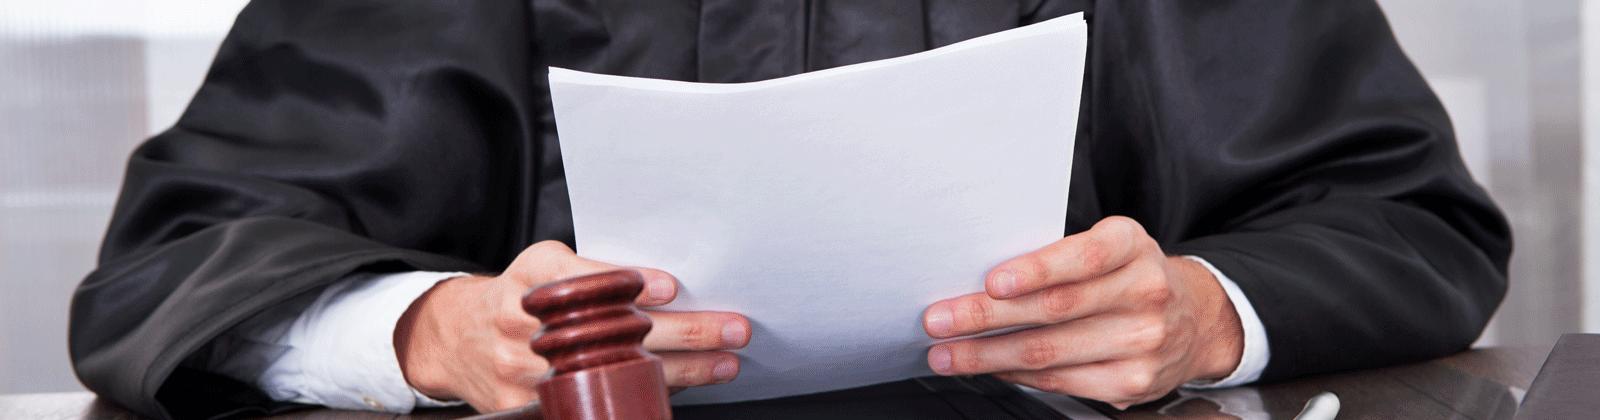 Bezwaar maken en in beroep gaan tegen een visumafwijzing